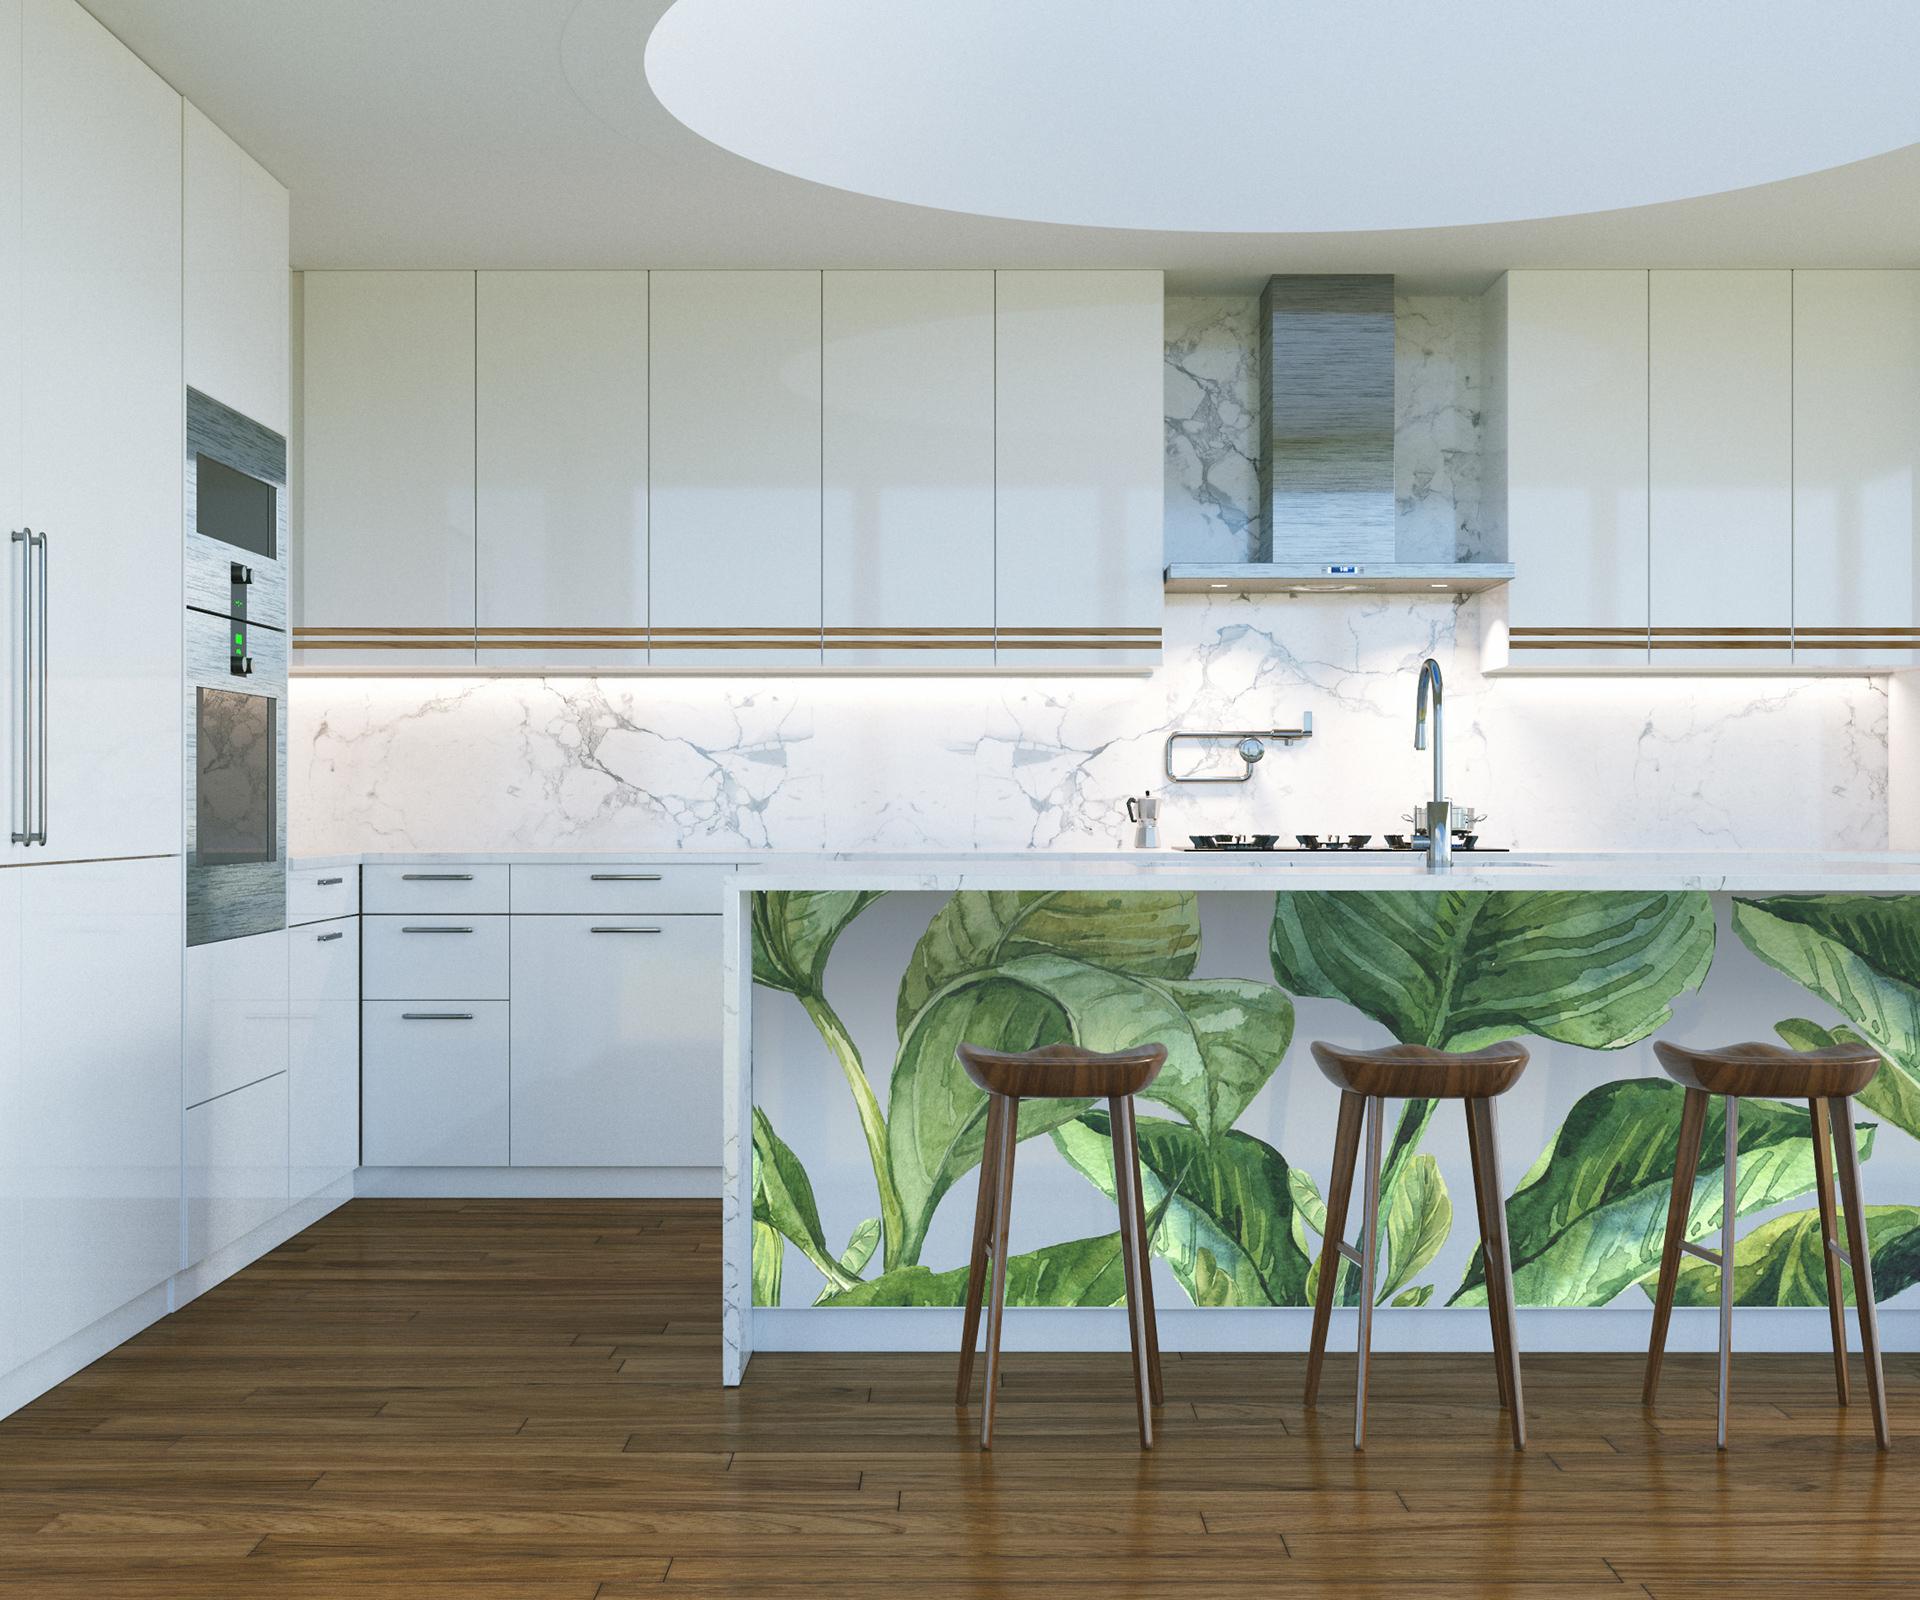 Xác định phong cách không gian nhà ở trước khi chọn gạch